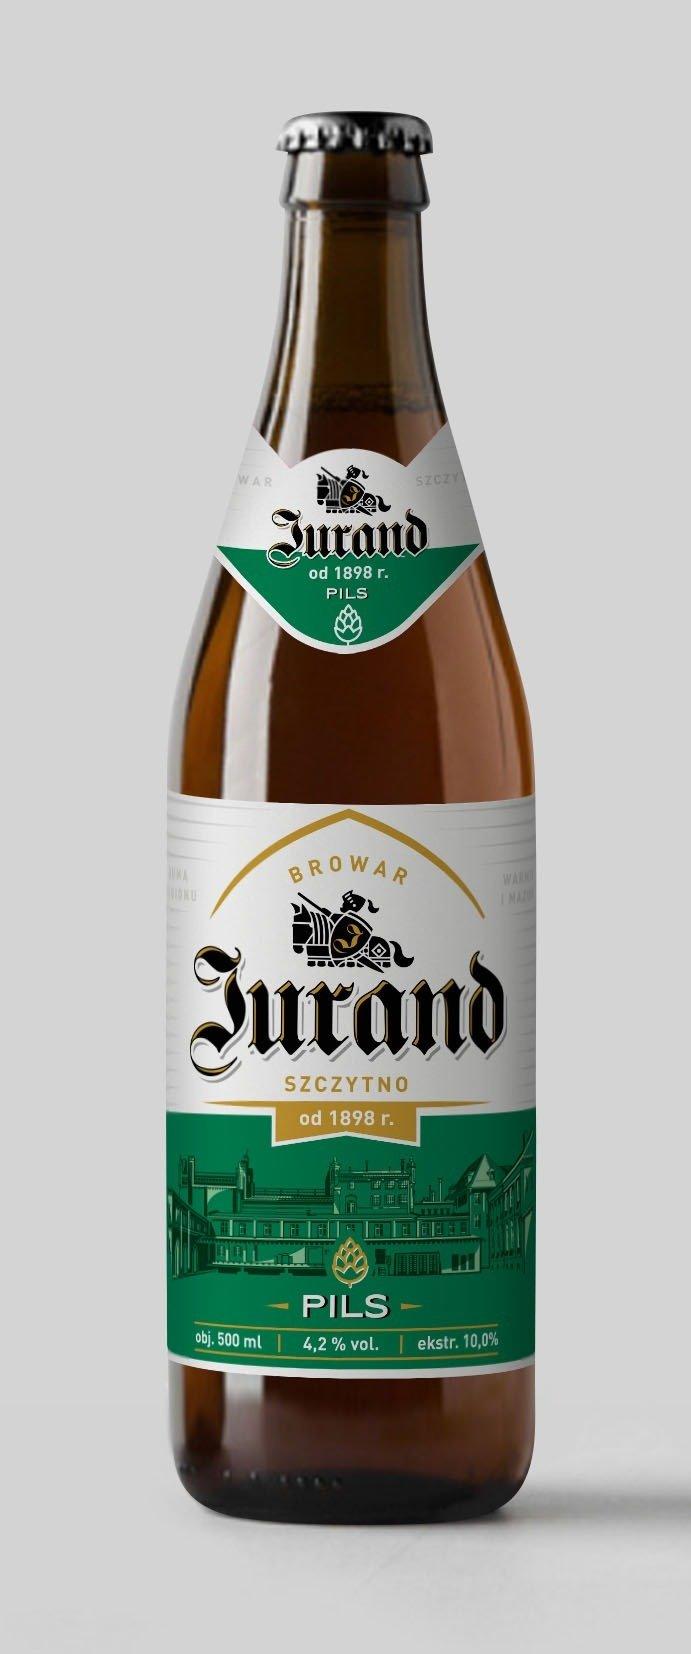 Mazurska Manufaktura S.A. wraca na rynek z kultowym piwem Jurand. Pierwszy rozlew trafił do Biedronki